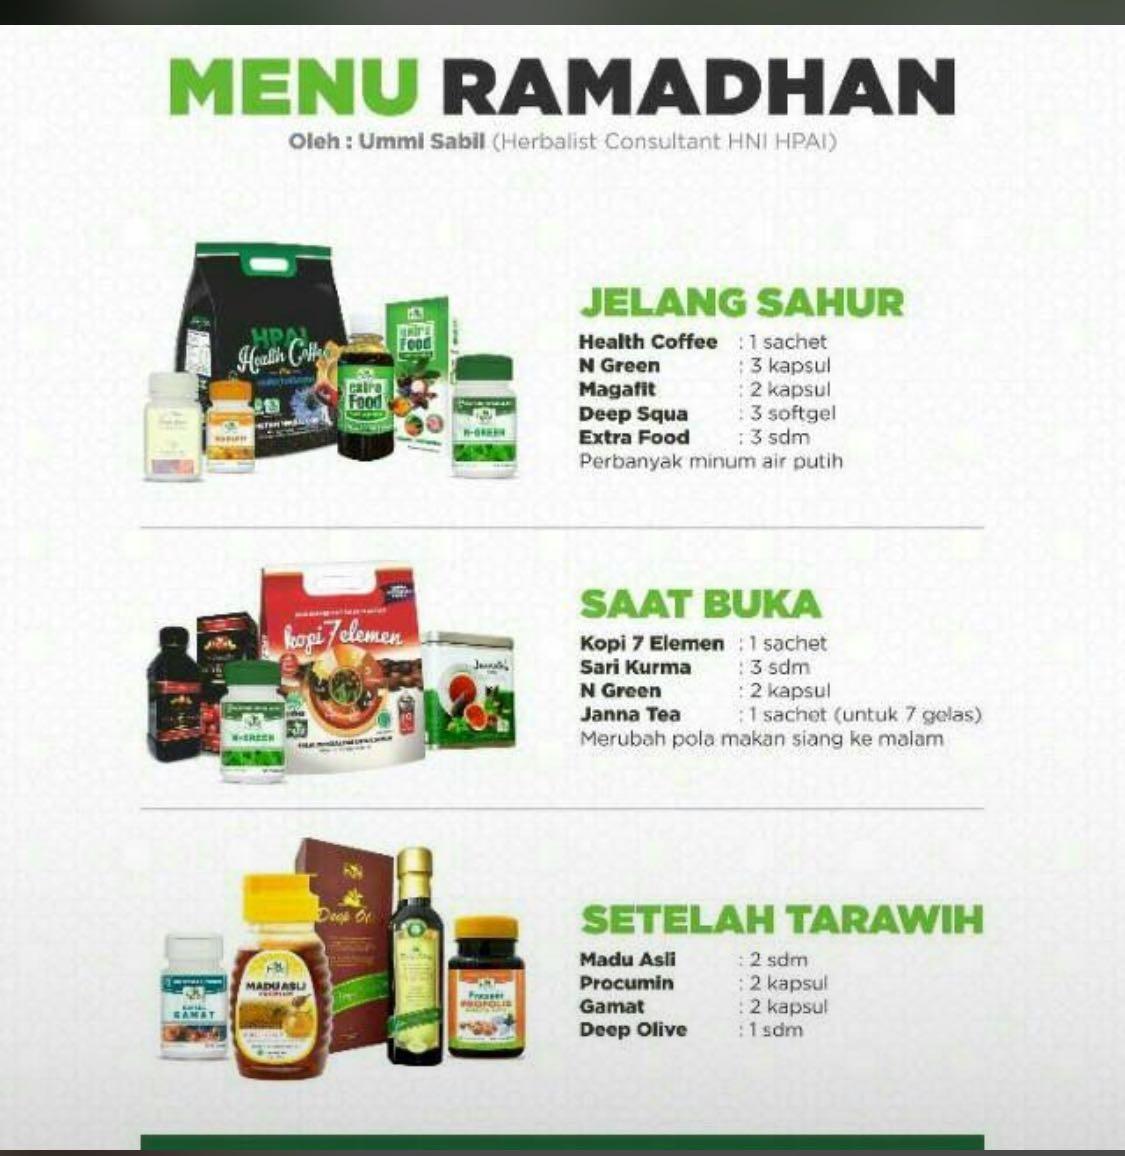 Pasang Iklan Gratis Online Internet Saat Nya Hijrah Ke Produk Extrafood Hpai Herbal Hni